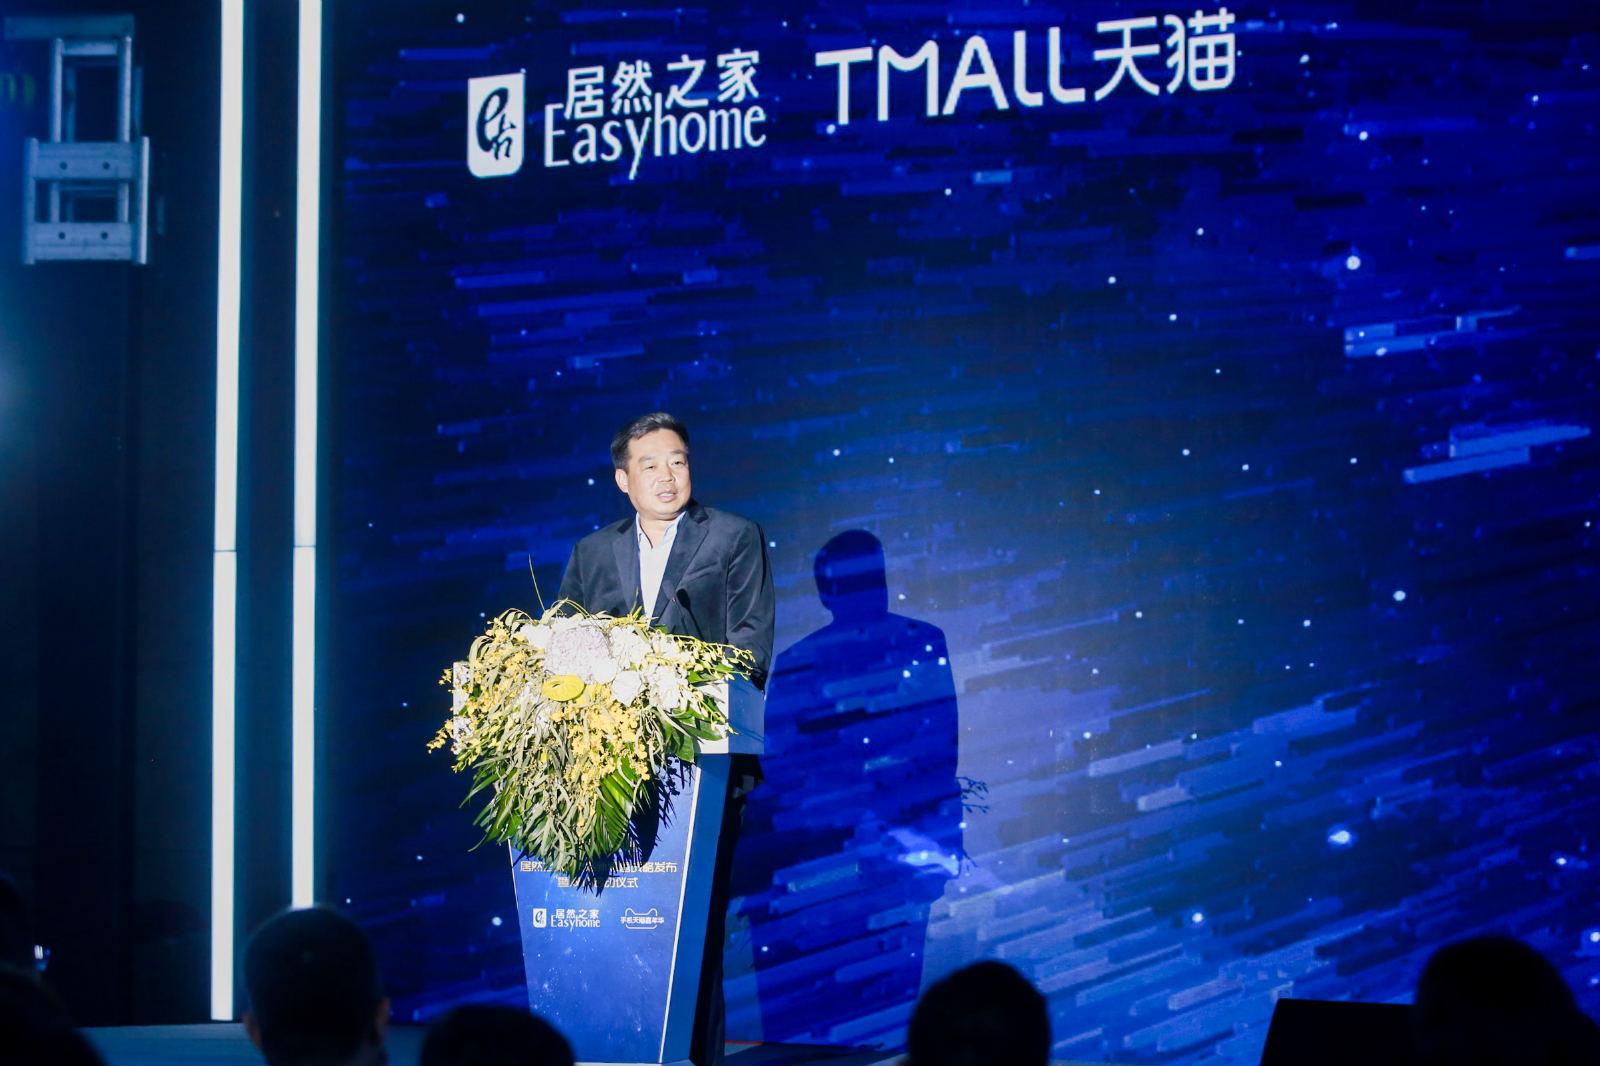 北京居然之家投资控股集团董事长汪林朋讲话_meitu_5